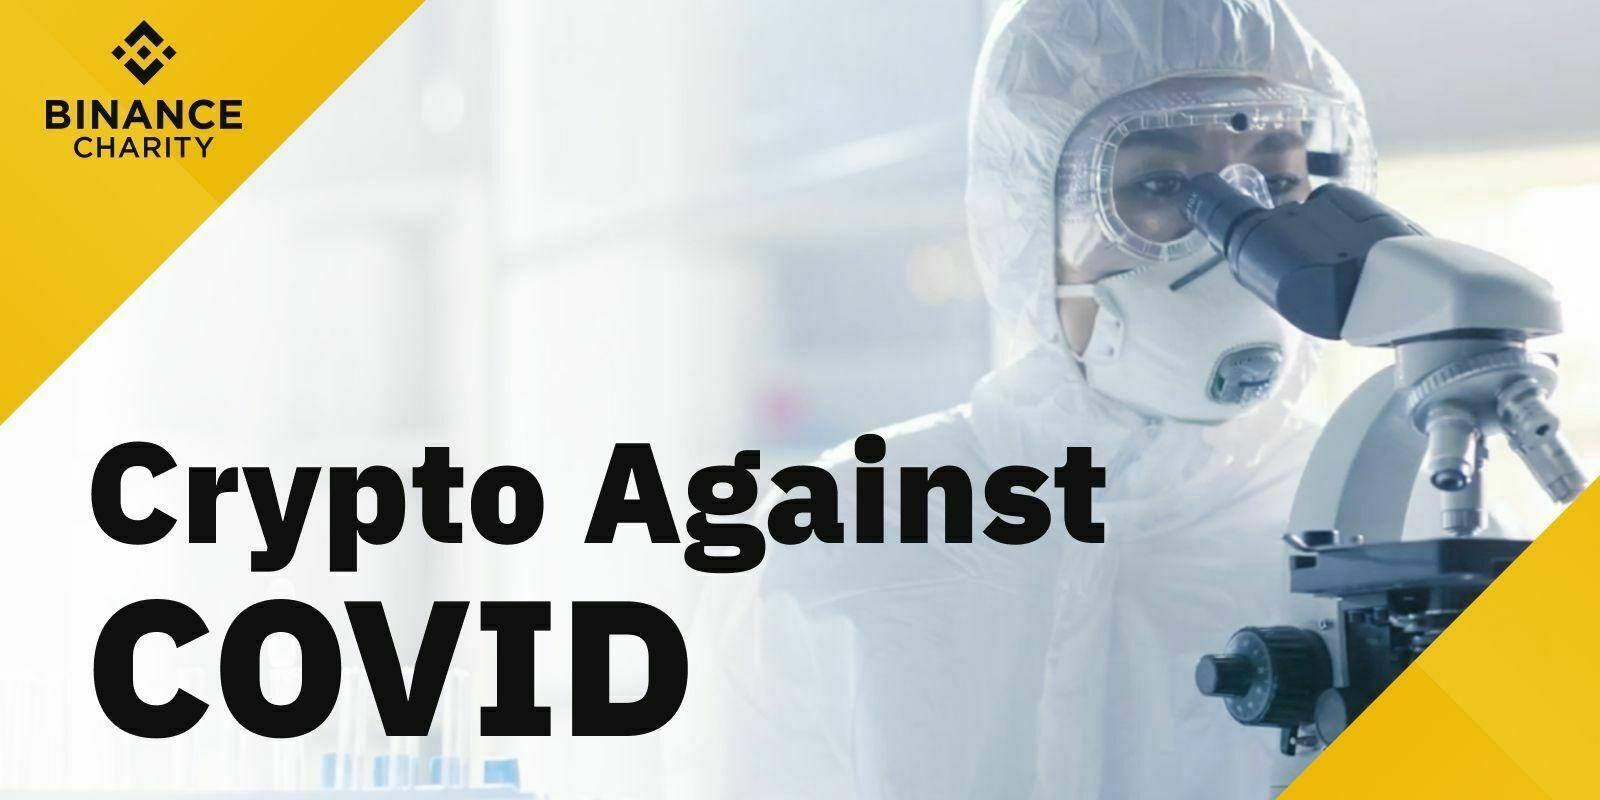 Binance Charity lance une campagne de lutte contre le Covid-19